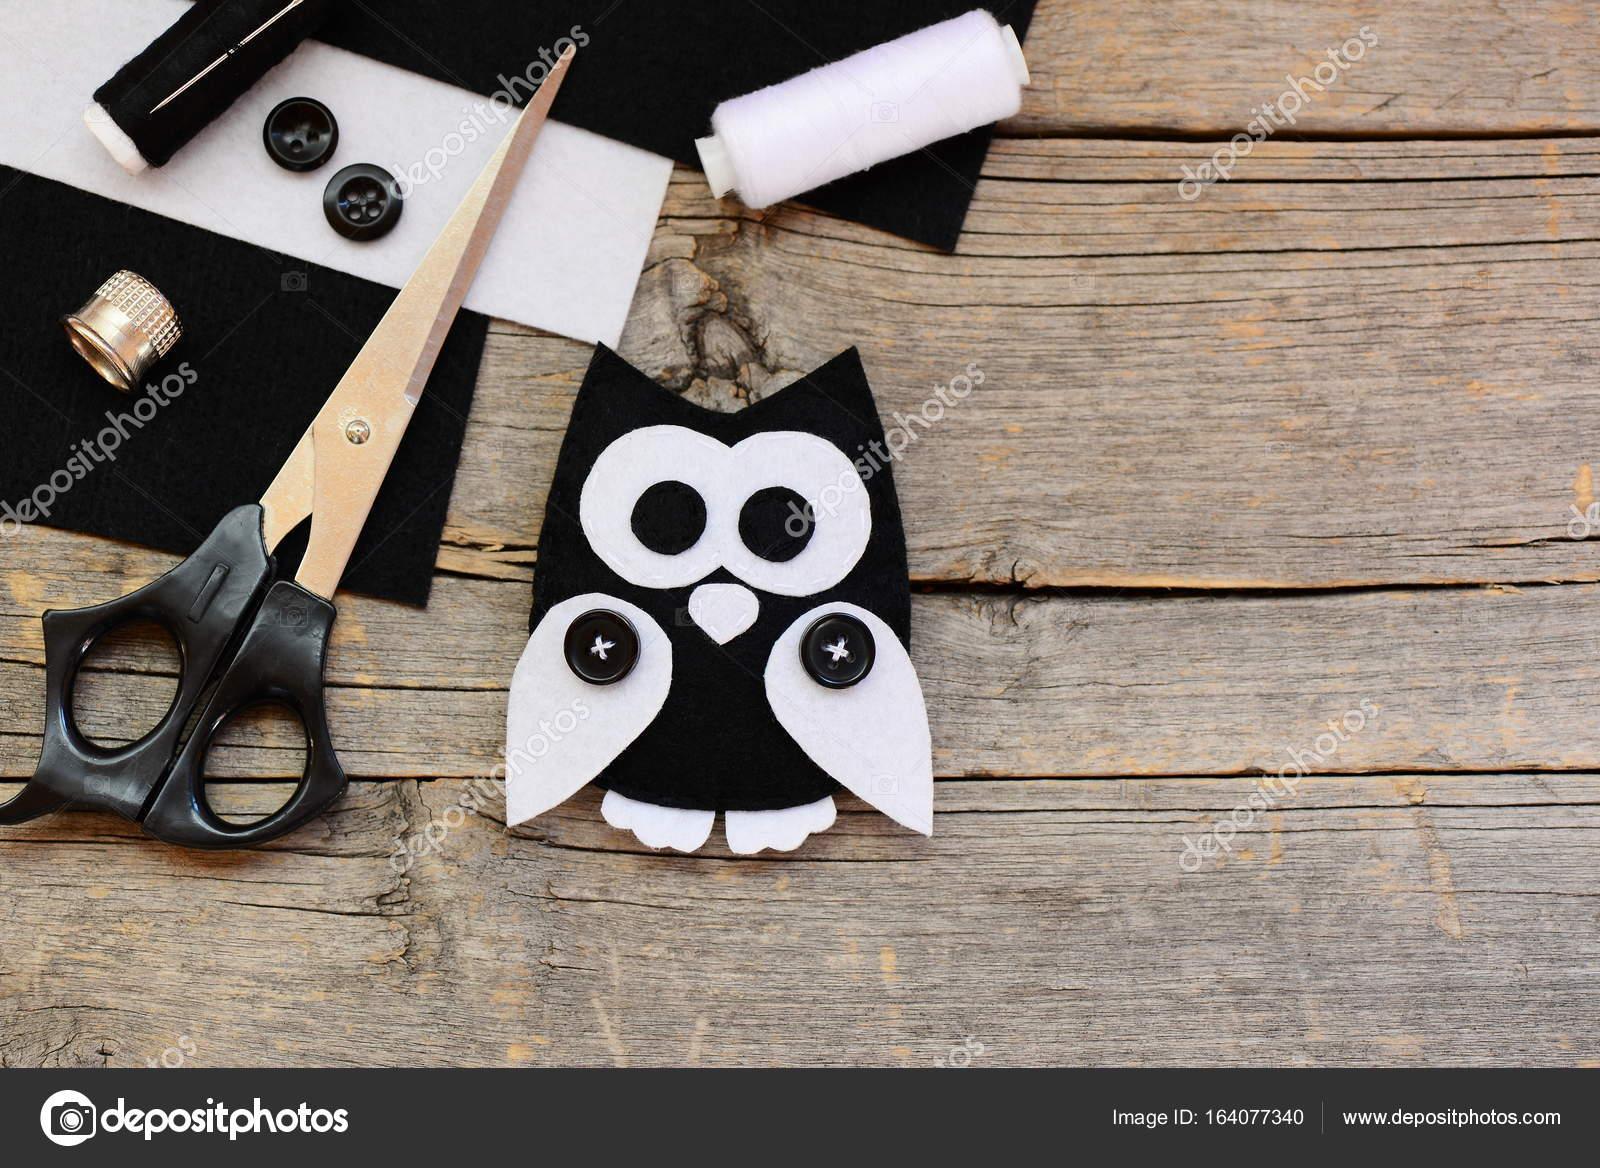 Schwarz und weiß Filz Blätter, Schere, Fäden, Filz Eule Ornament ...